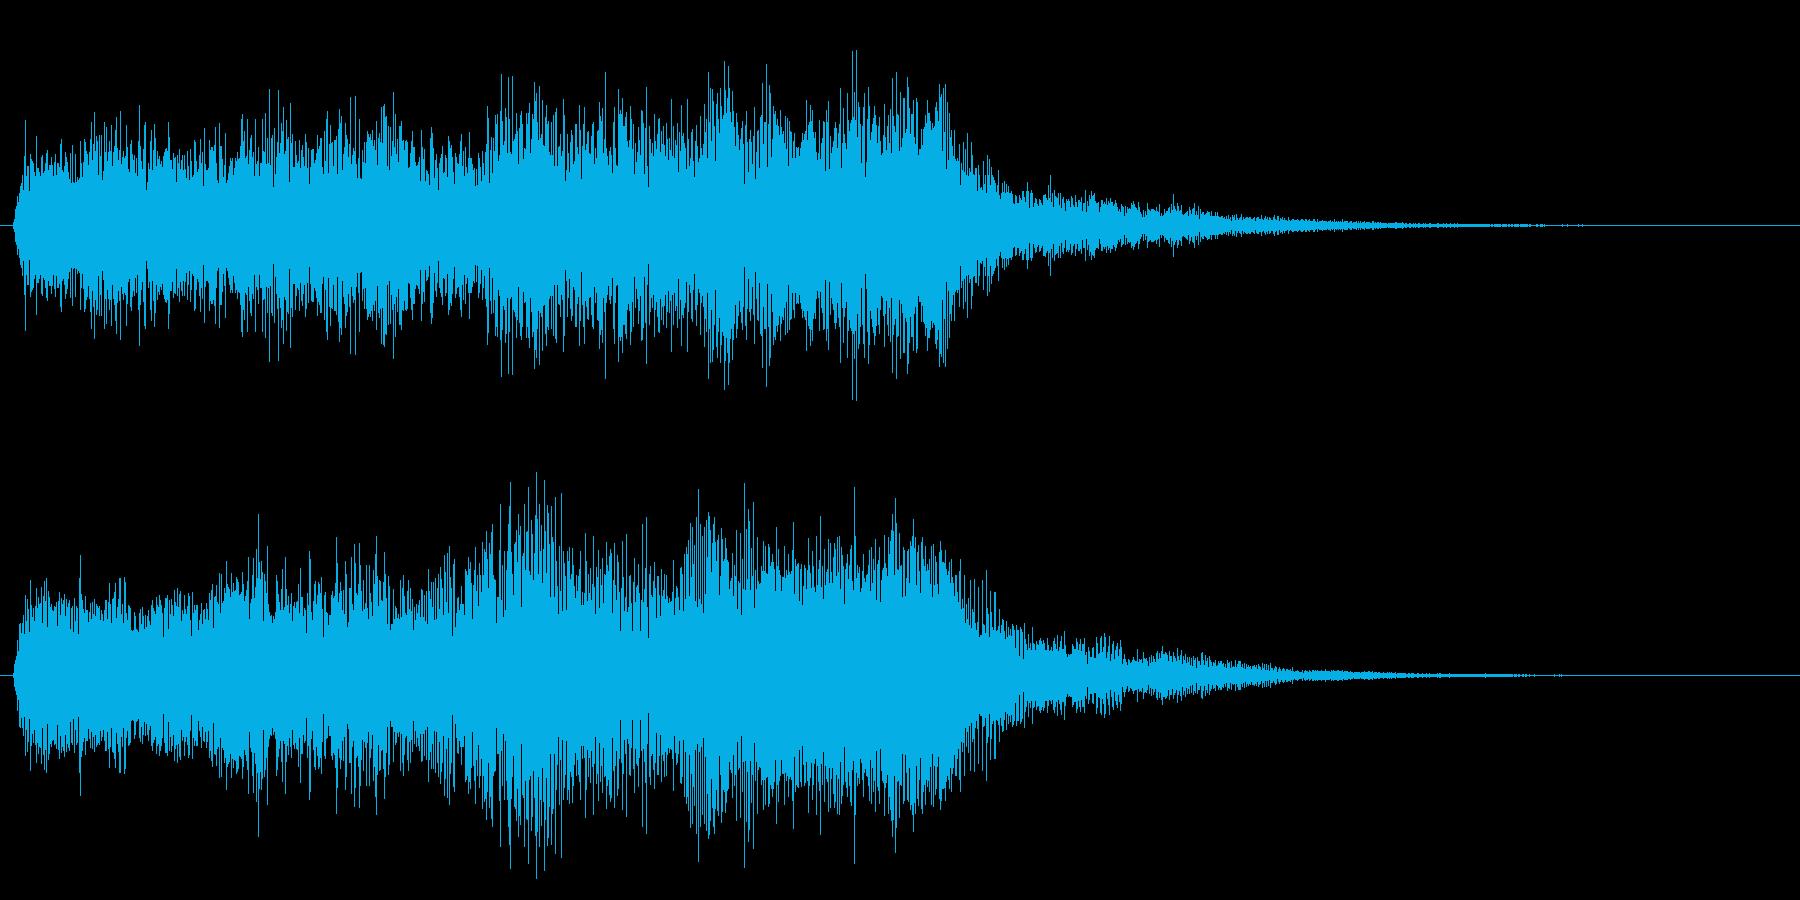 クリア 達成 正解 合格 オーケストラ の再生済みの波形